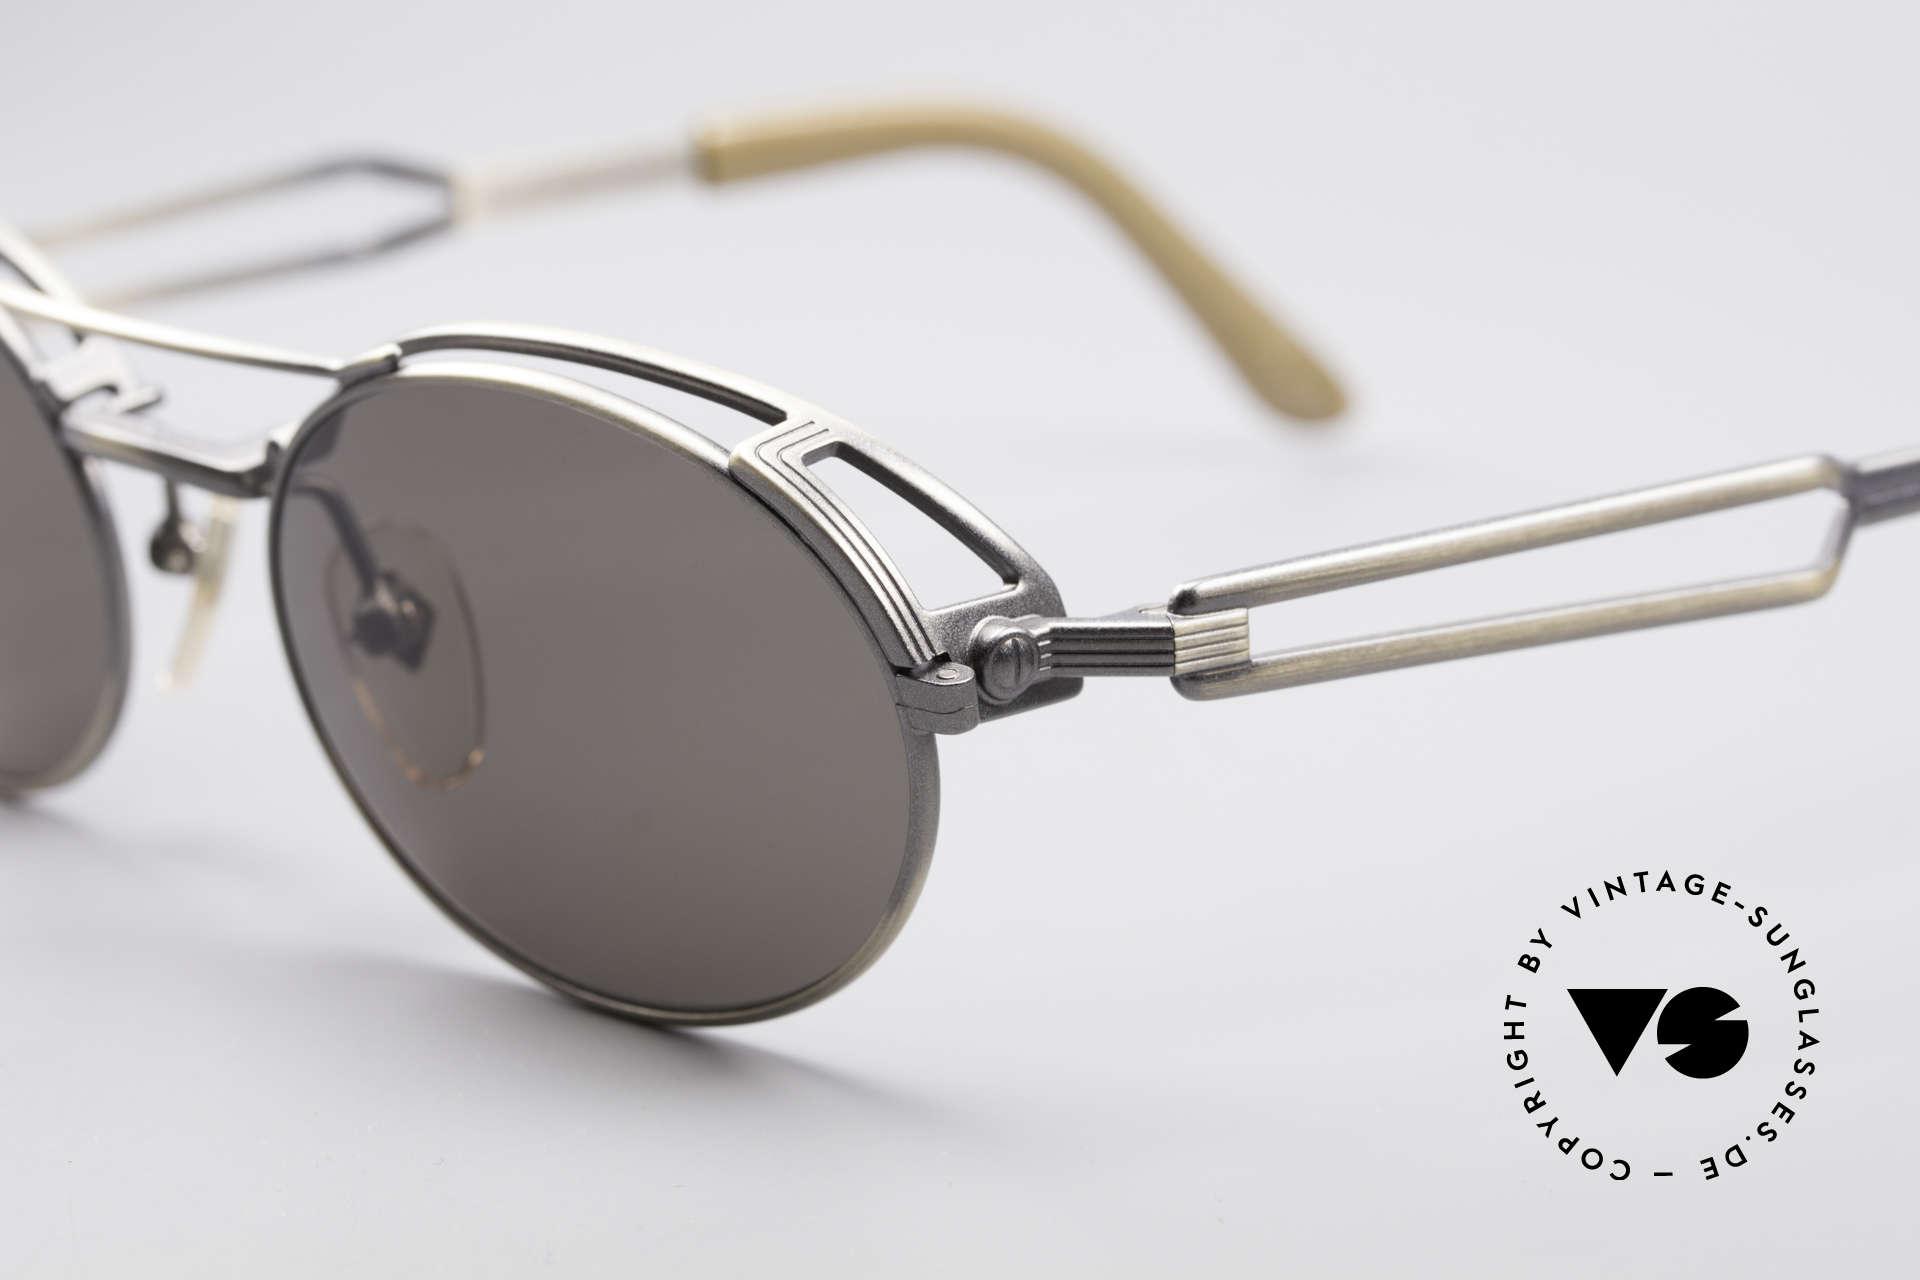 Jean Paul Gaultier 56-7107 Industrial Vintage Brille, echte TOP-Qualität; made in Japan (wie aus einem Guss), Passend für Herren und Damen